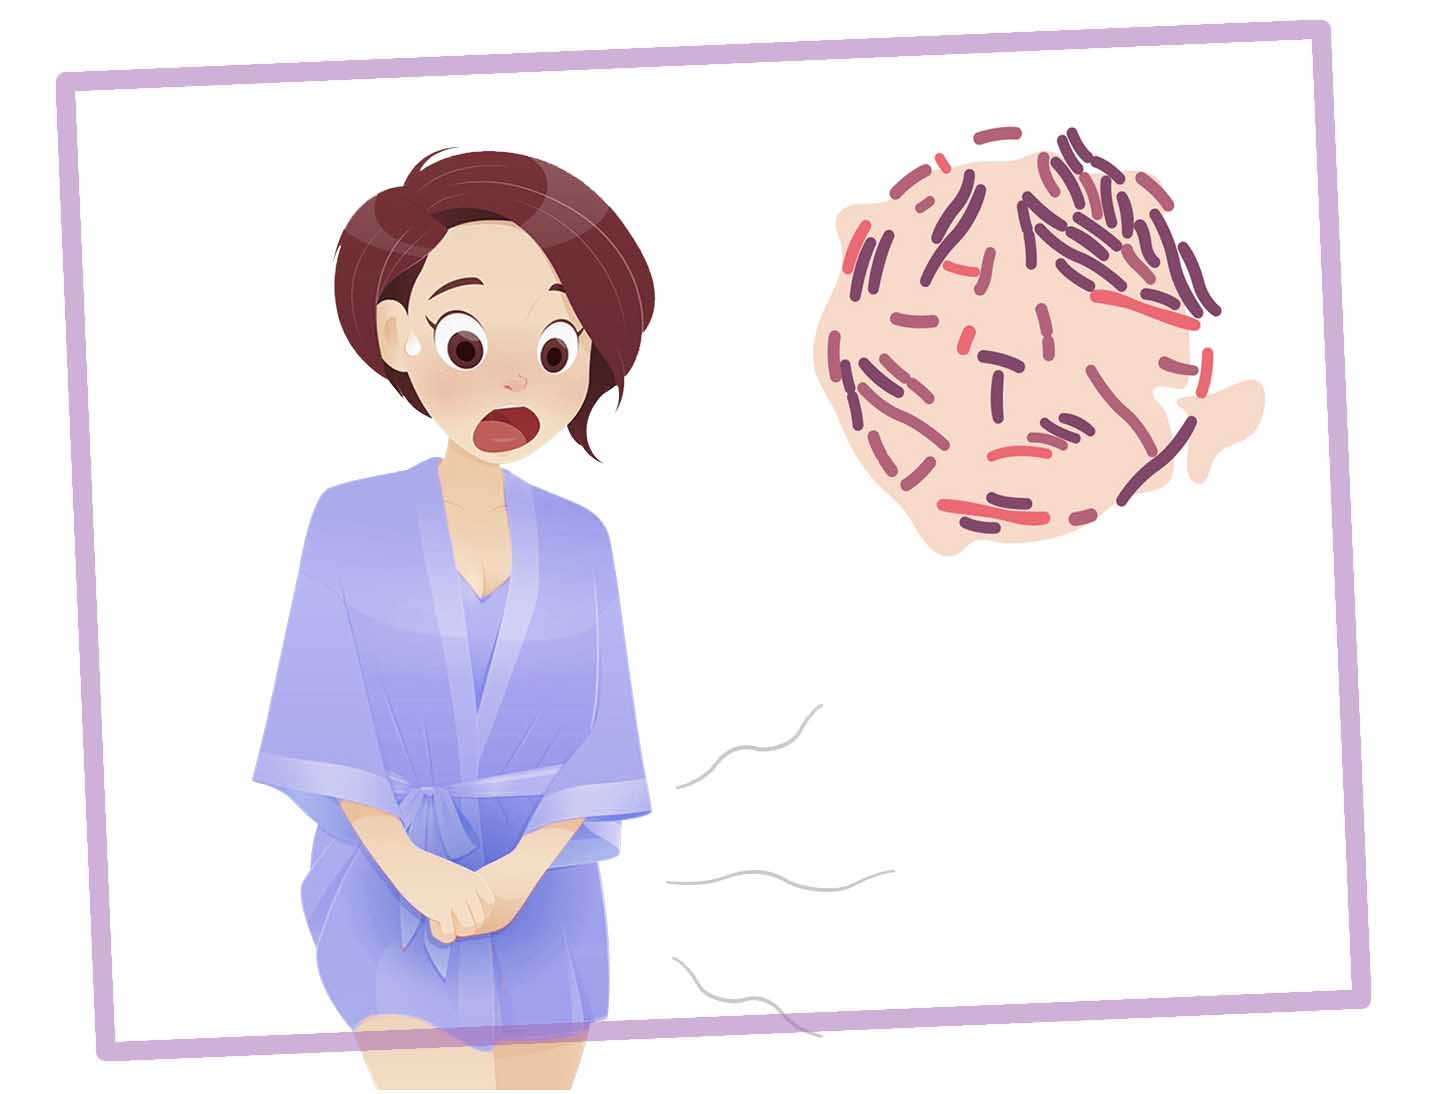 как лечить молочницу у женщин, в домашних условиях народными средствами -